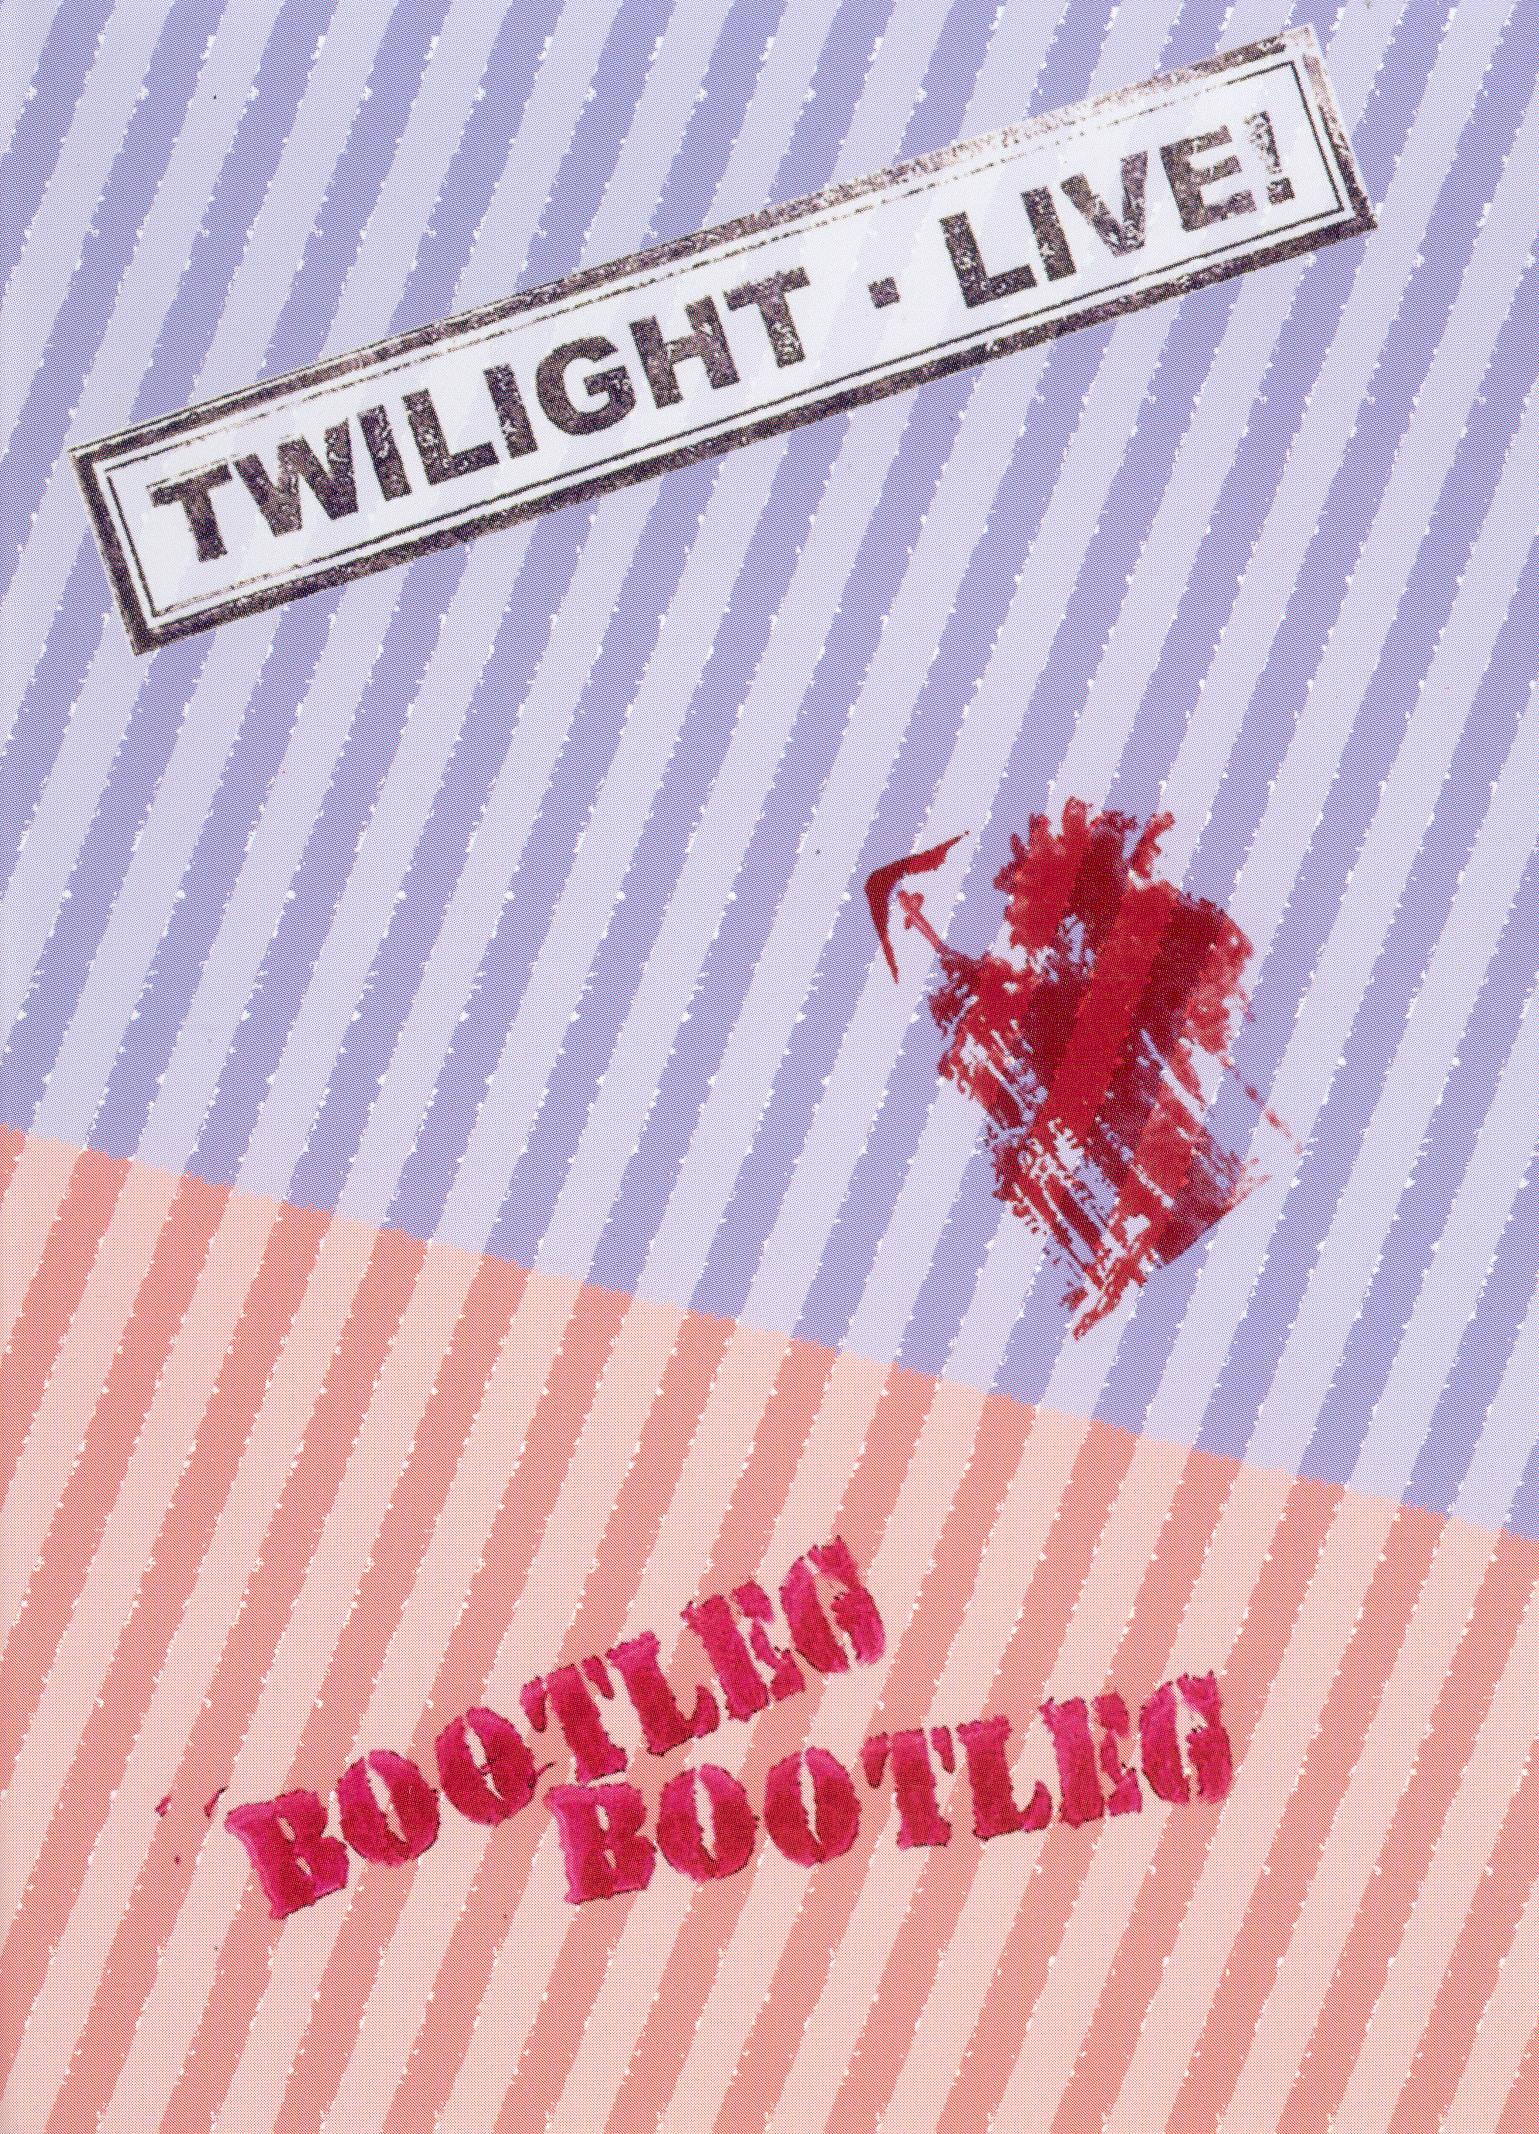 Twilight Singers: Twilight Live